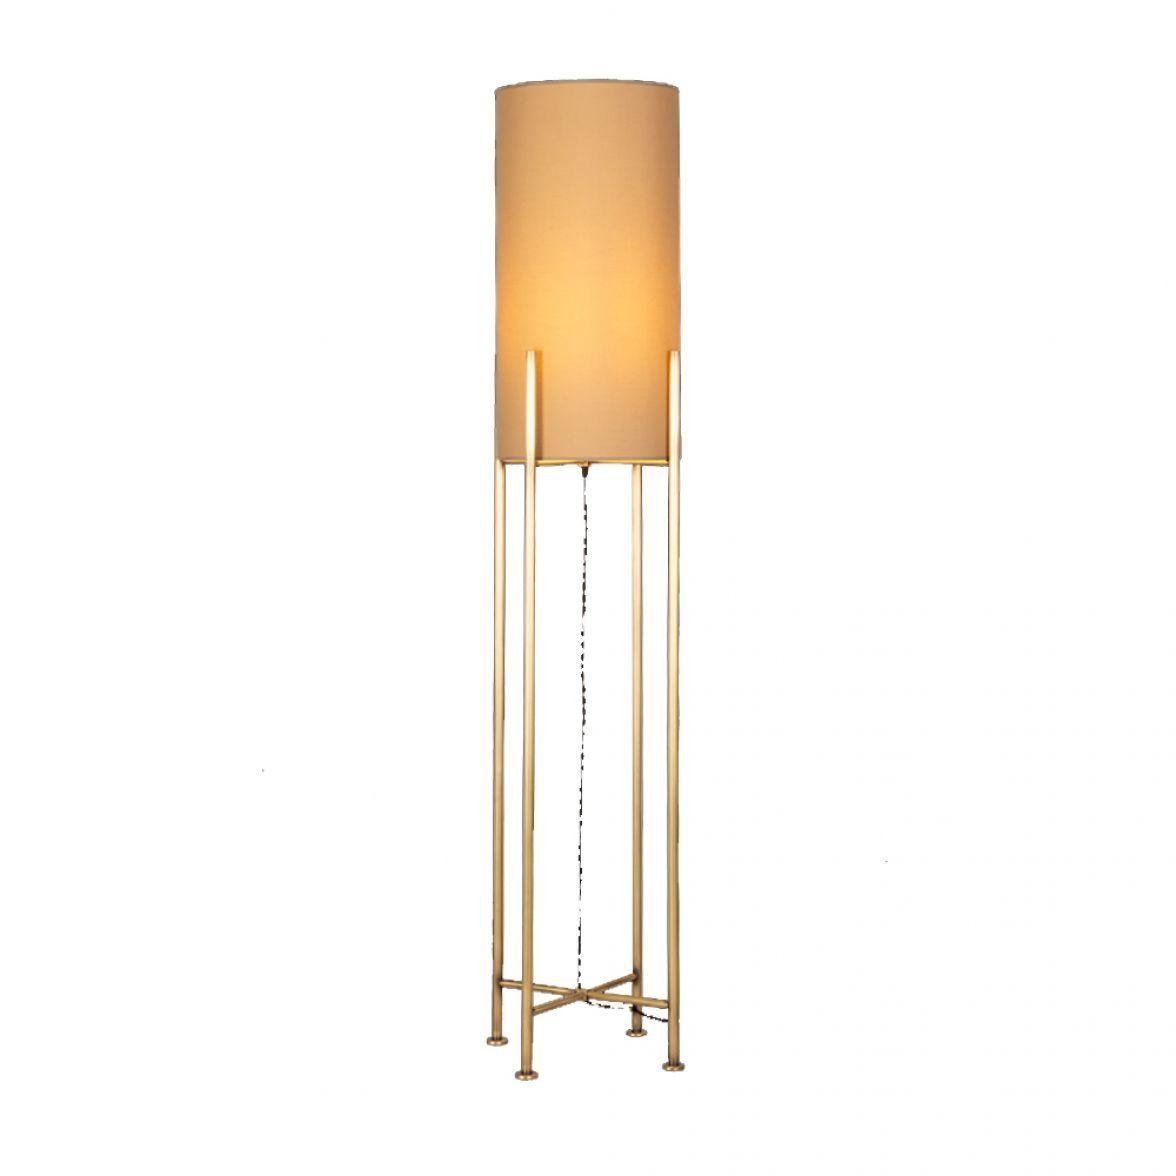 GENOVA FLOOR LAMP